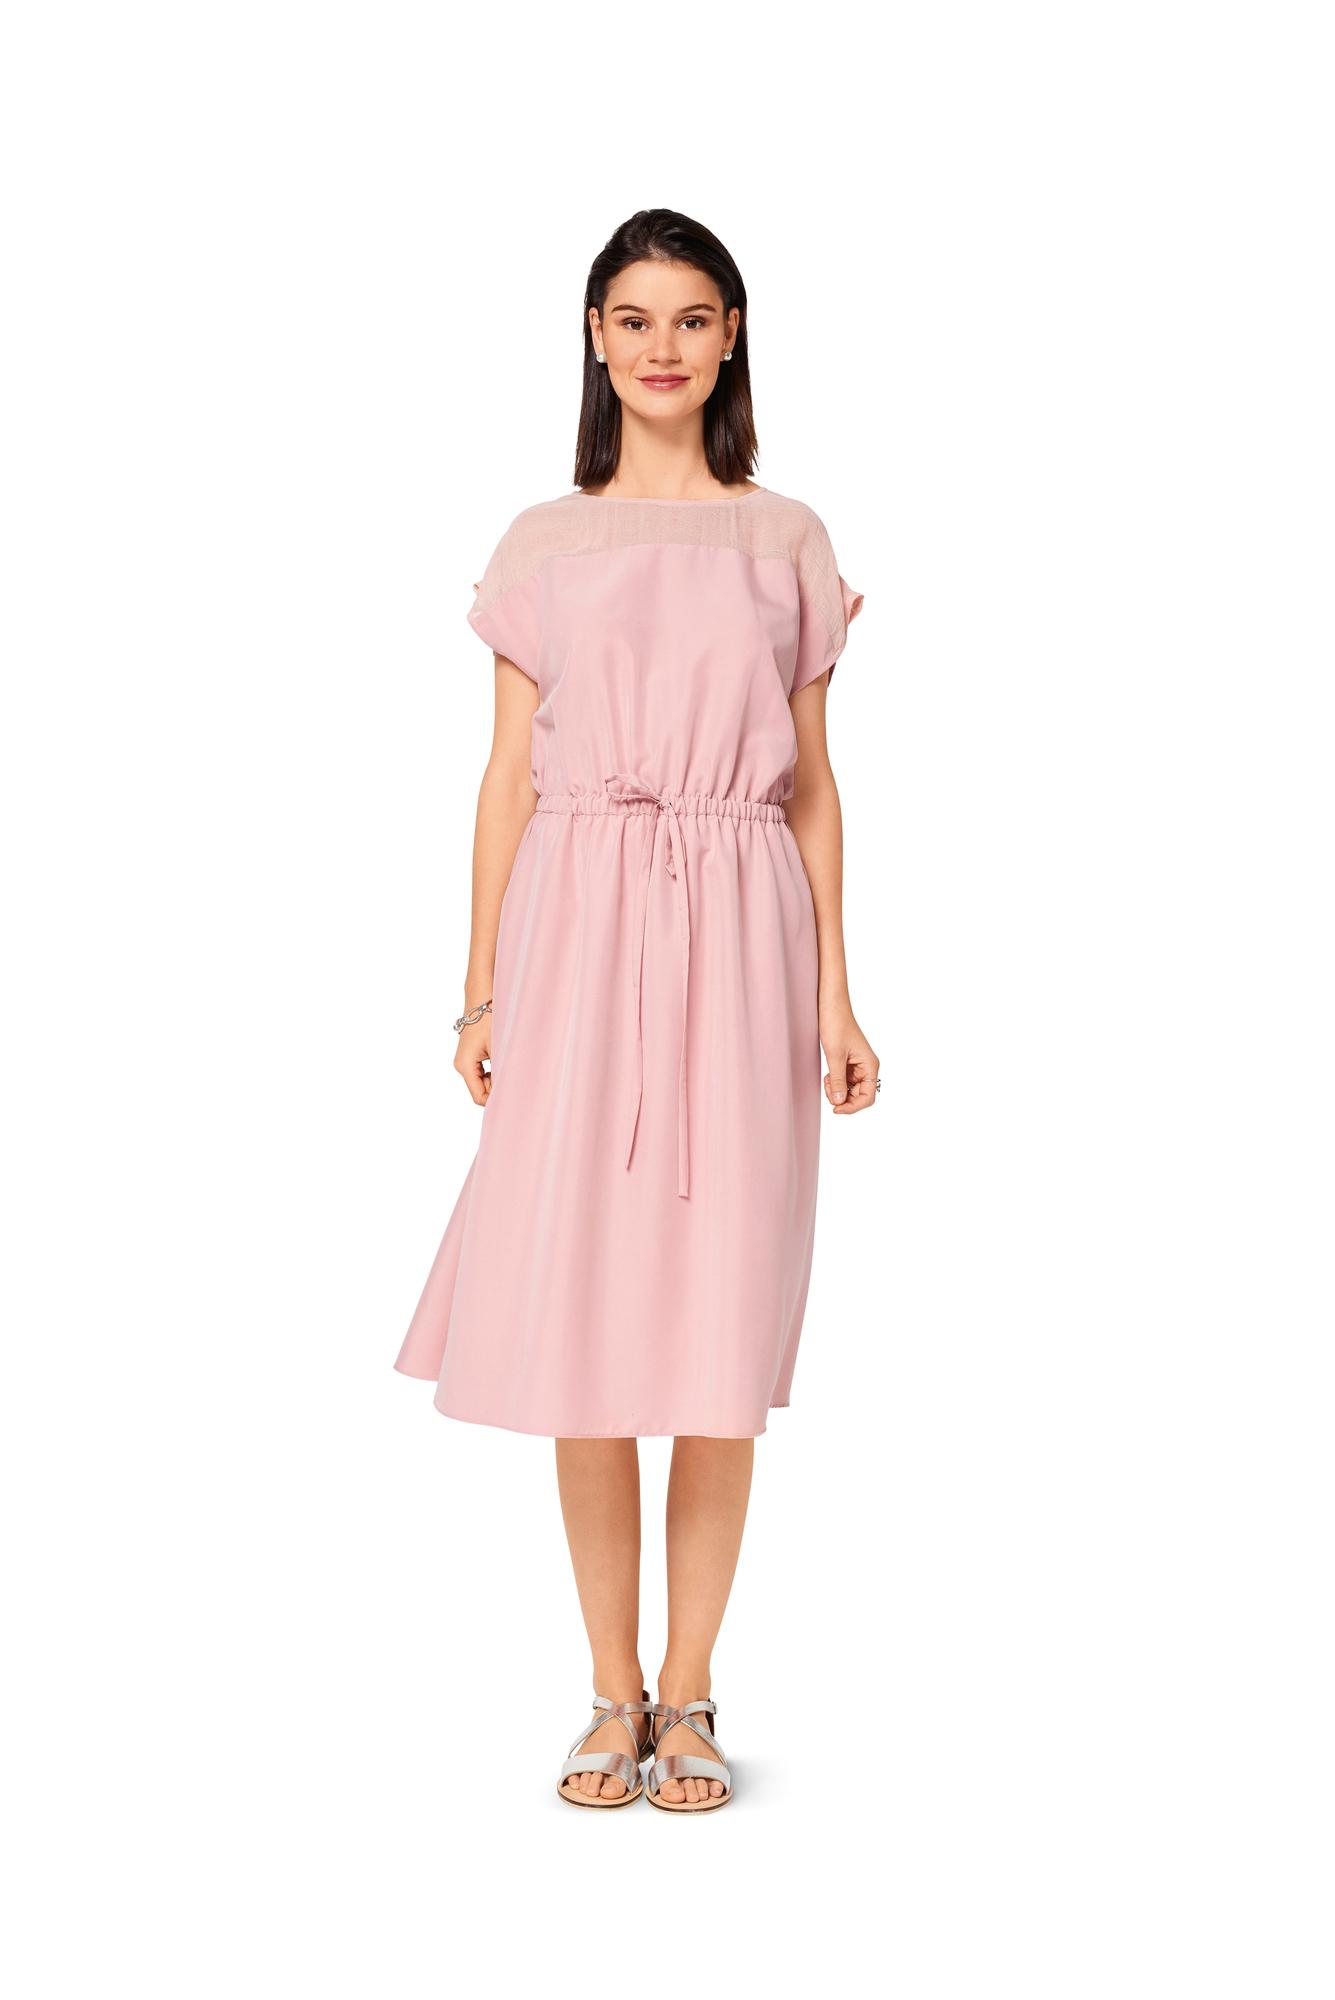 Платье на кулиске видео